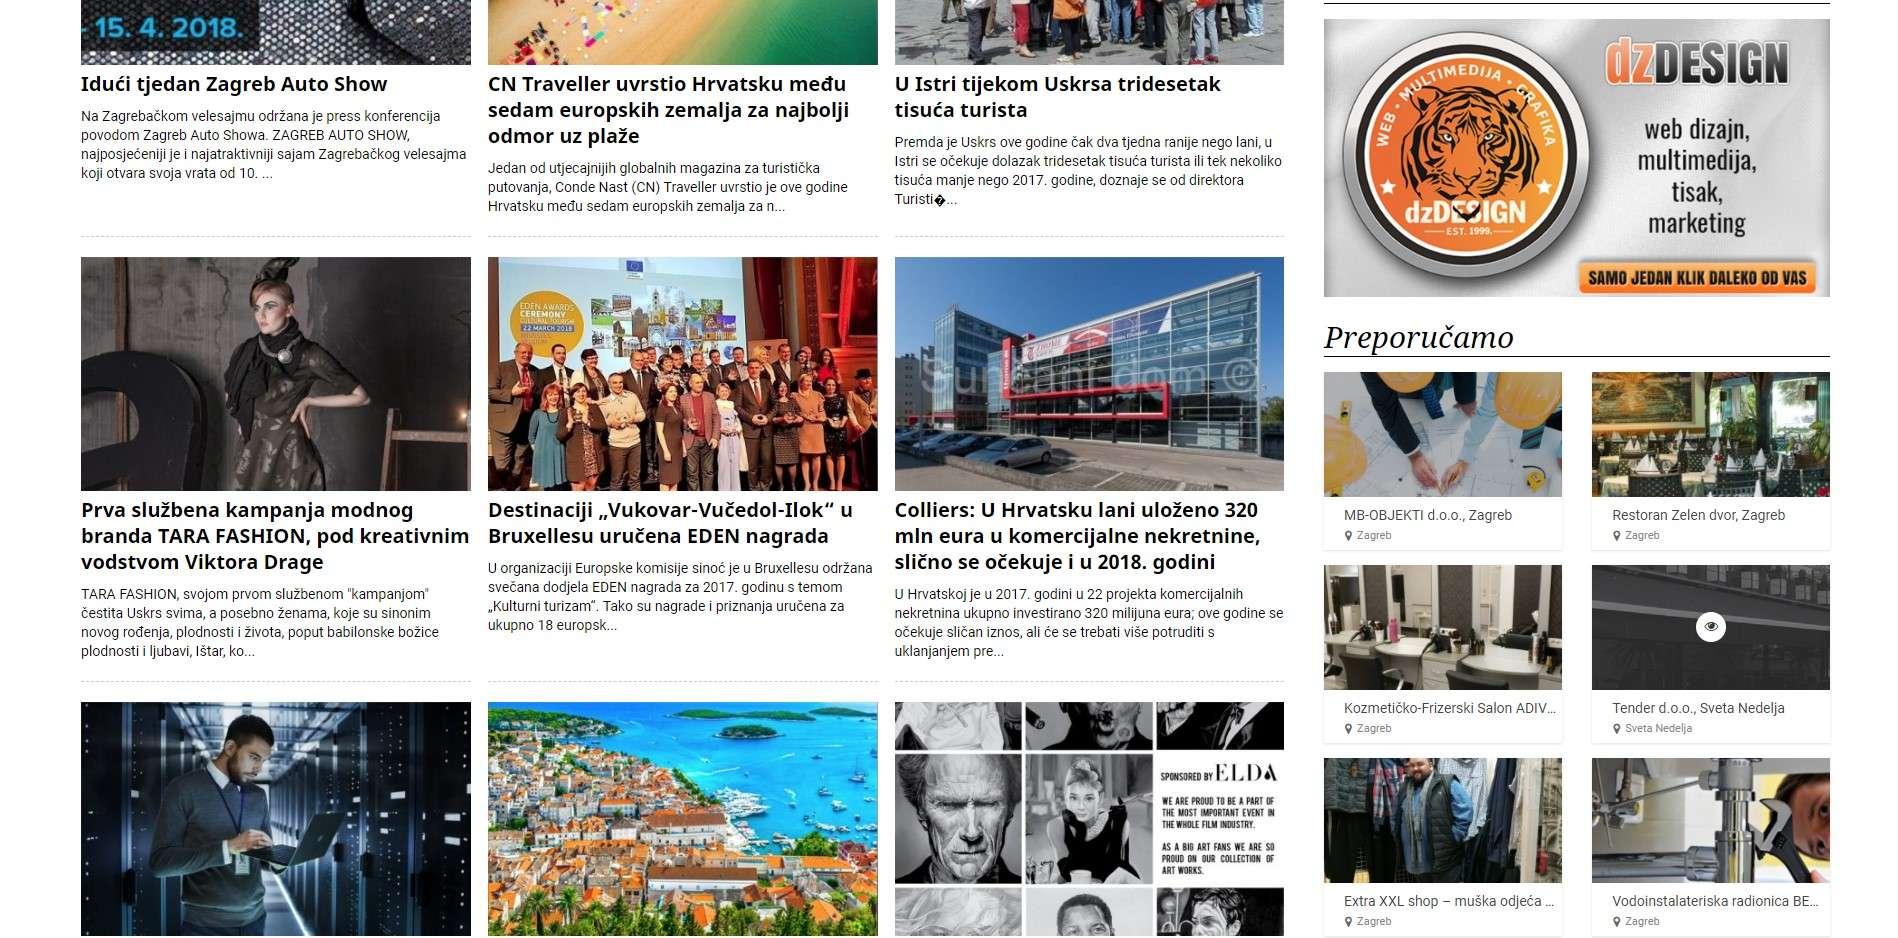 američki pojedinačno web mjesto za upoznavanje